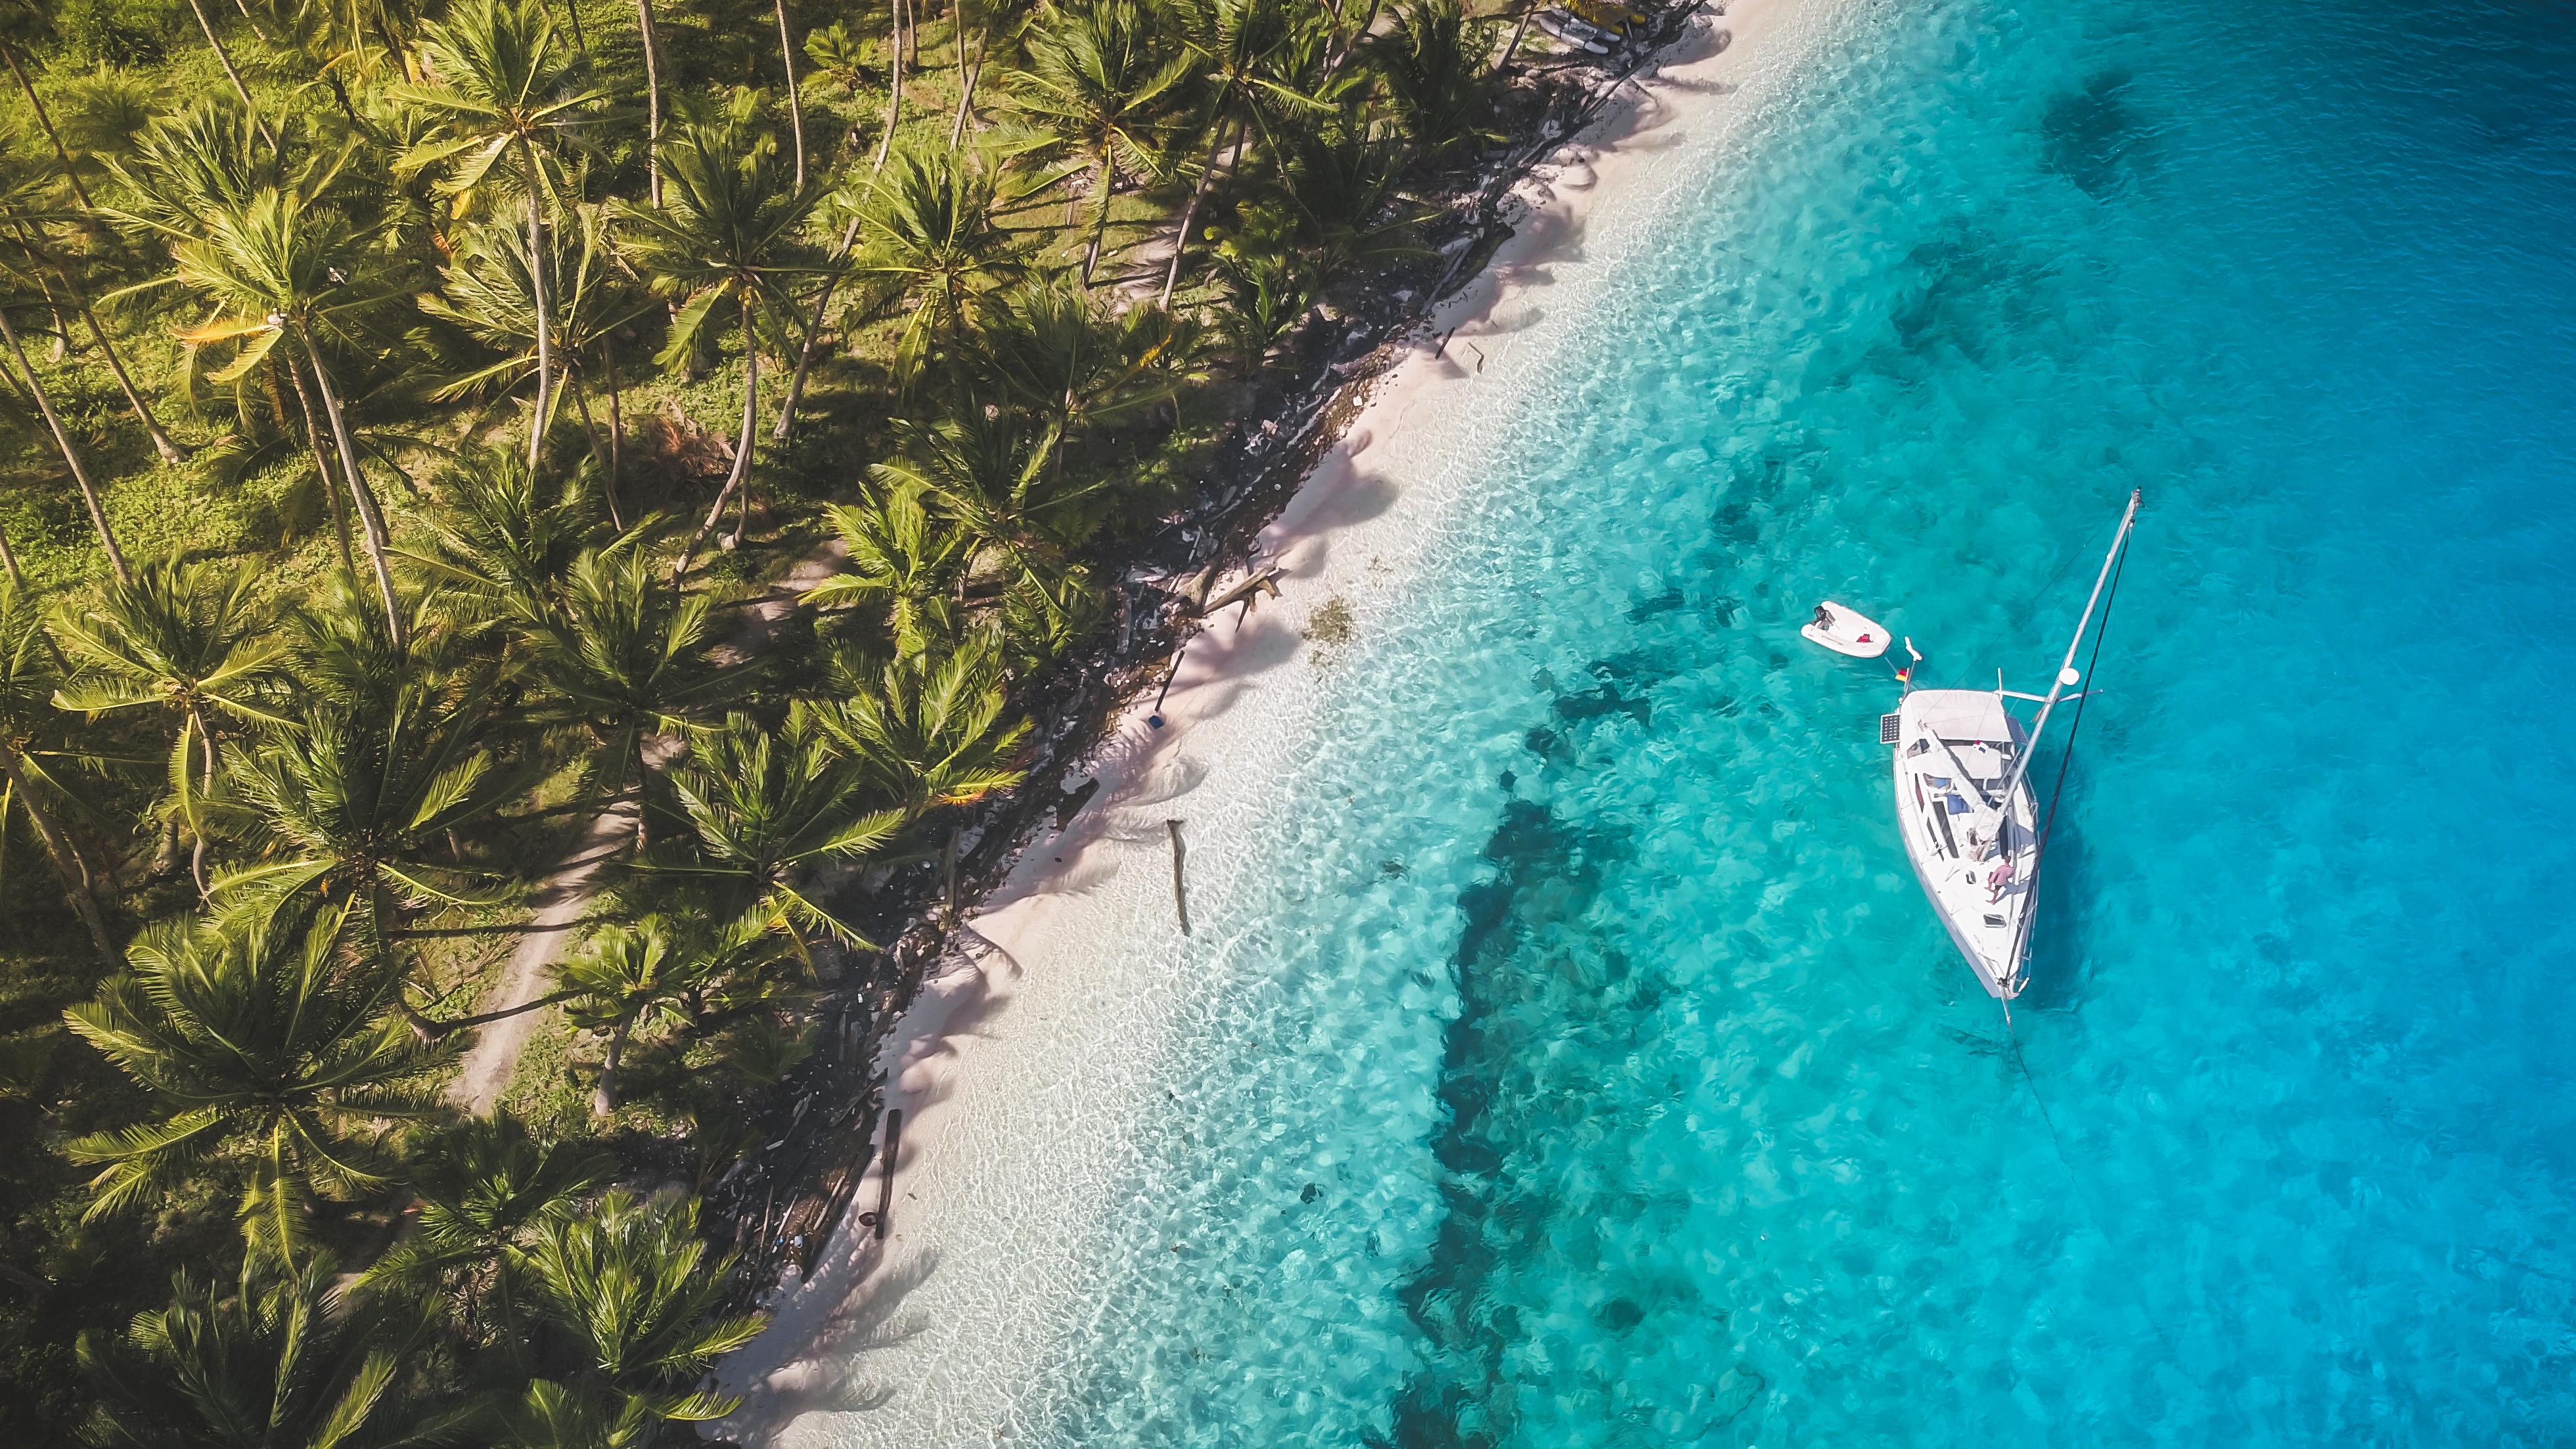 El archipiélago de 365 pequeñas islas de Panamá es el destino perfecto. Sin carreteras ni cadenas de hoteles, restaurantes o bares, las islas de San Blas ofrecen una experiencia náufrago en uno de los entornos más pintorescos que puedas imaginar